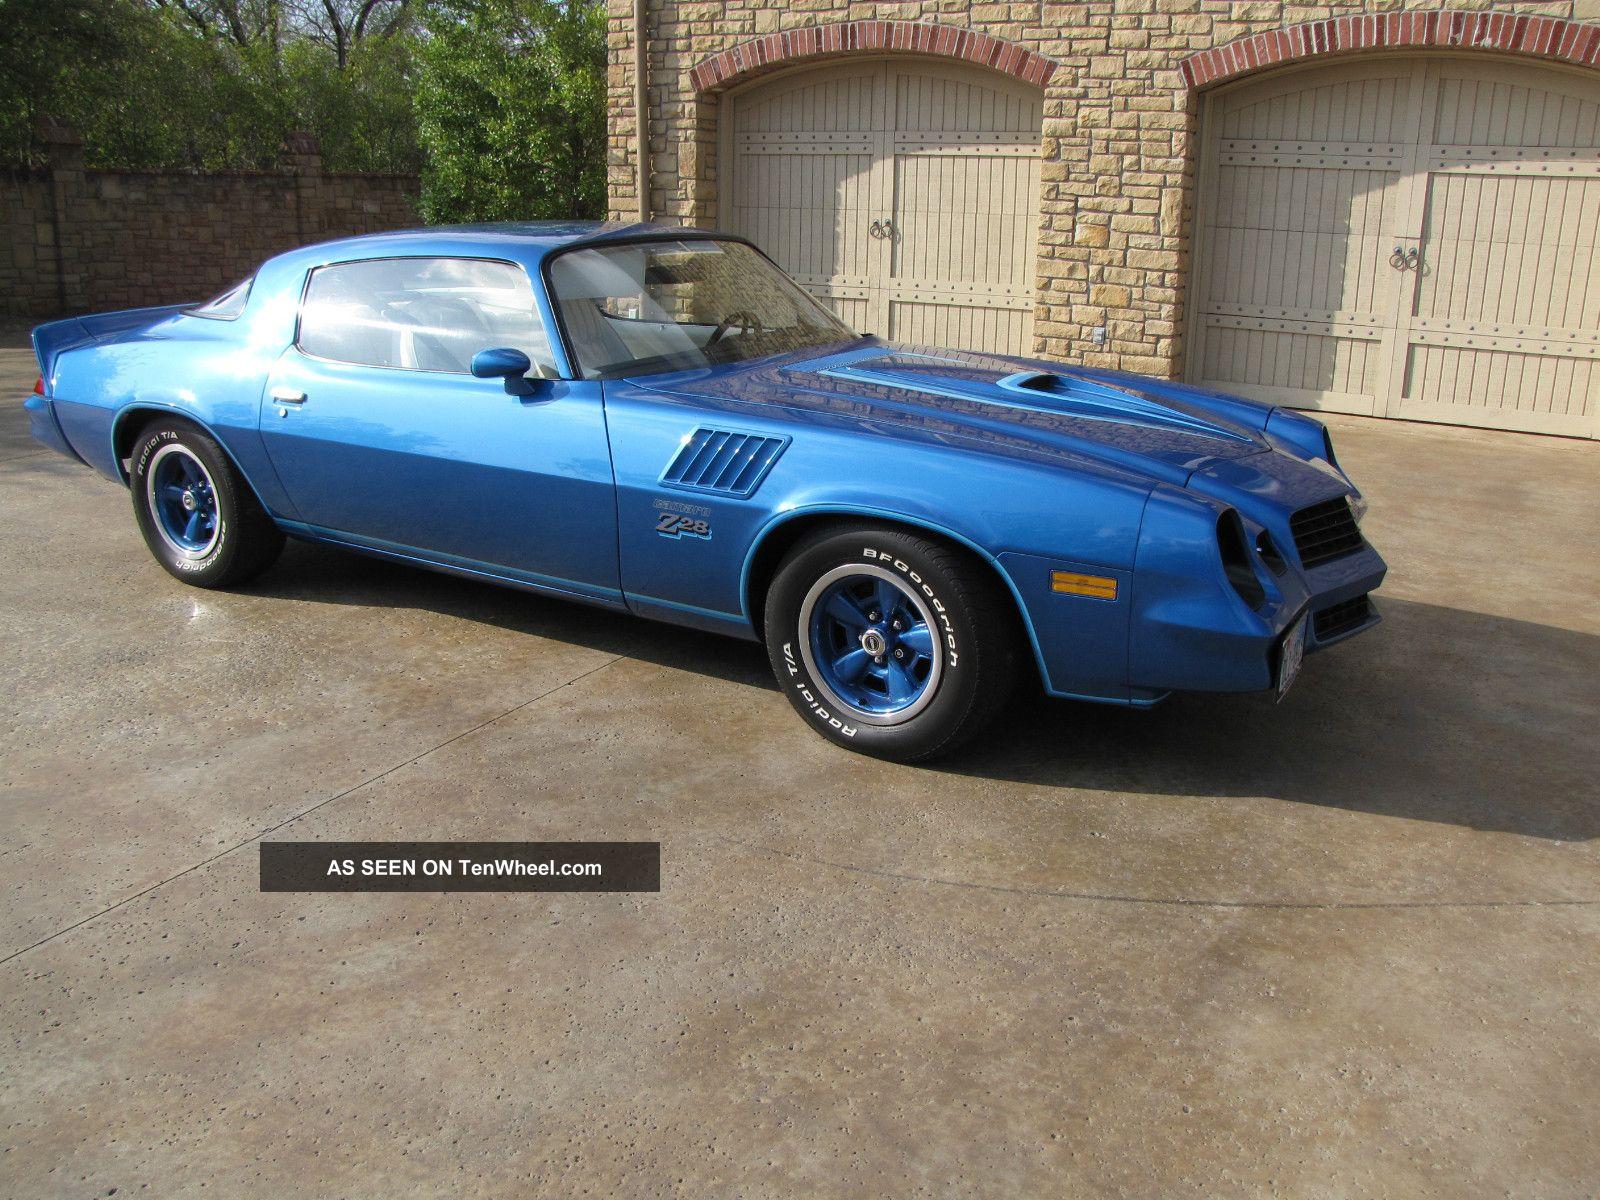 1978 chevrolet camaro z28 350 cu v8 185 hp 4 speed sold - Filename 1978_chevrolet_camaro_z28_4___speed_corvette_trans_am_mustang_1_lgw Jpg